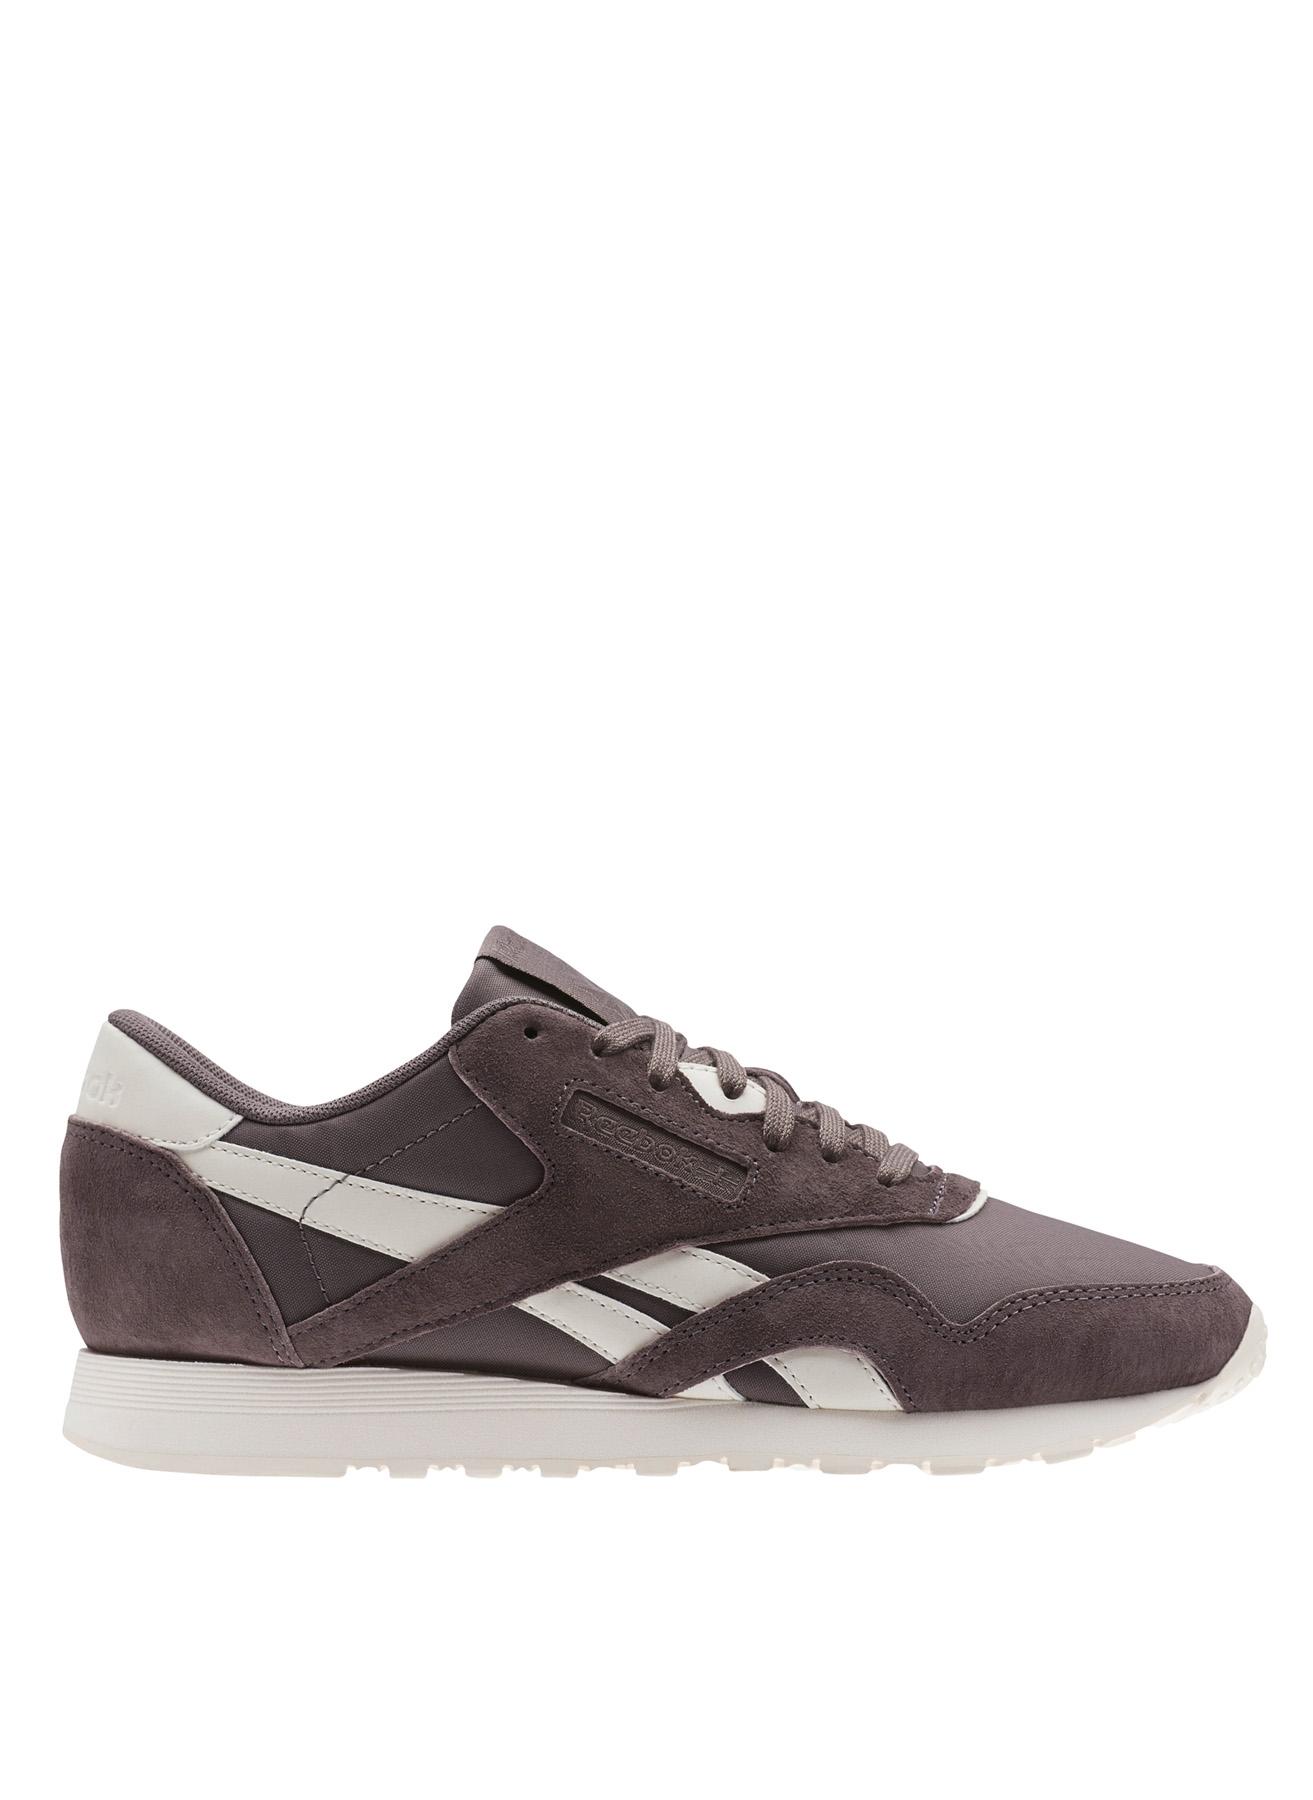 Reebok CL Nylon Lıfestyle Ayakkabı 38.5 5001633194005 Ürün Resmi